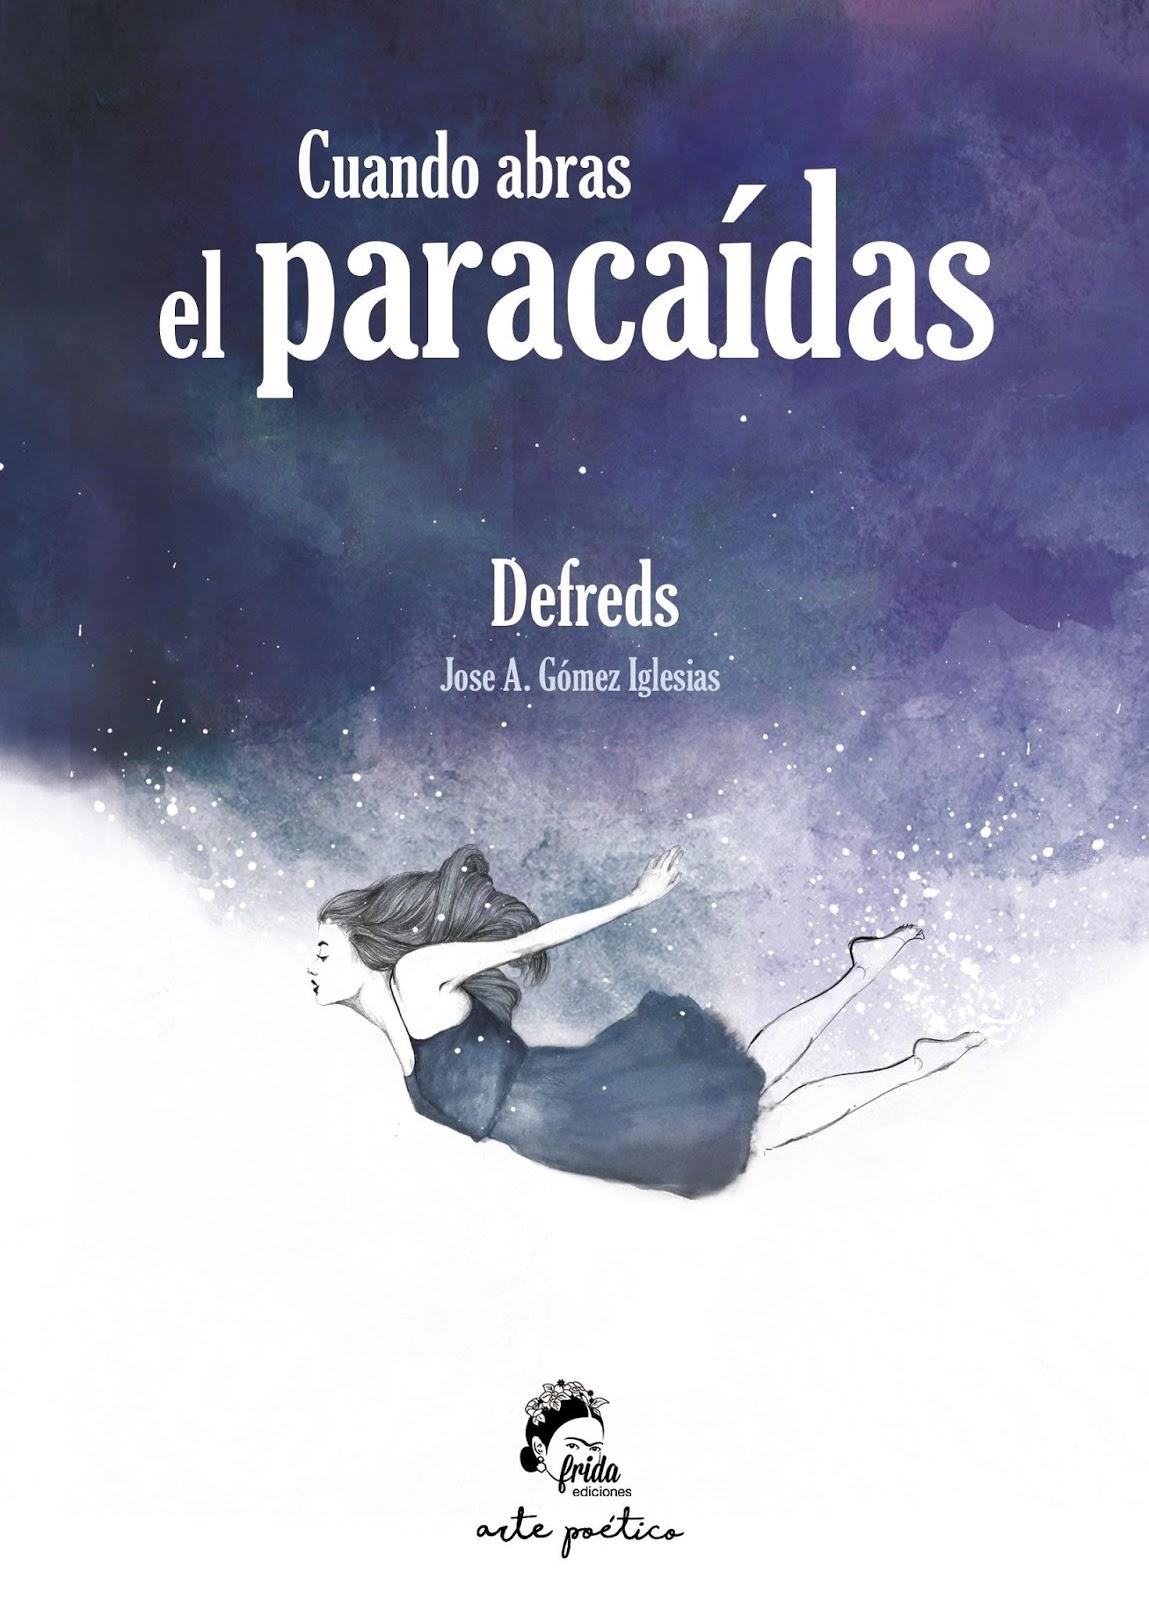 Vorágine Interna: Blog literario: PoetizArte: Cuando abras el paracaídas